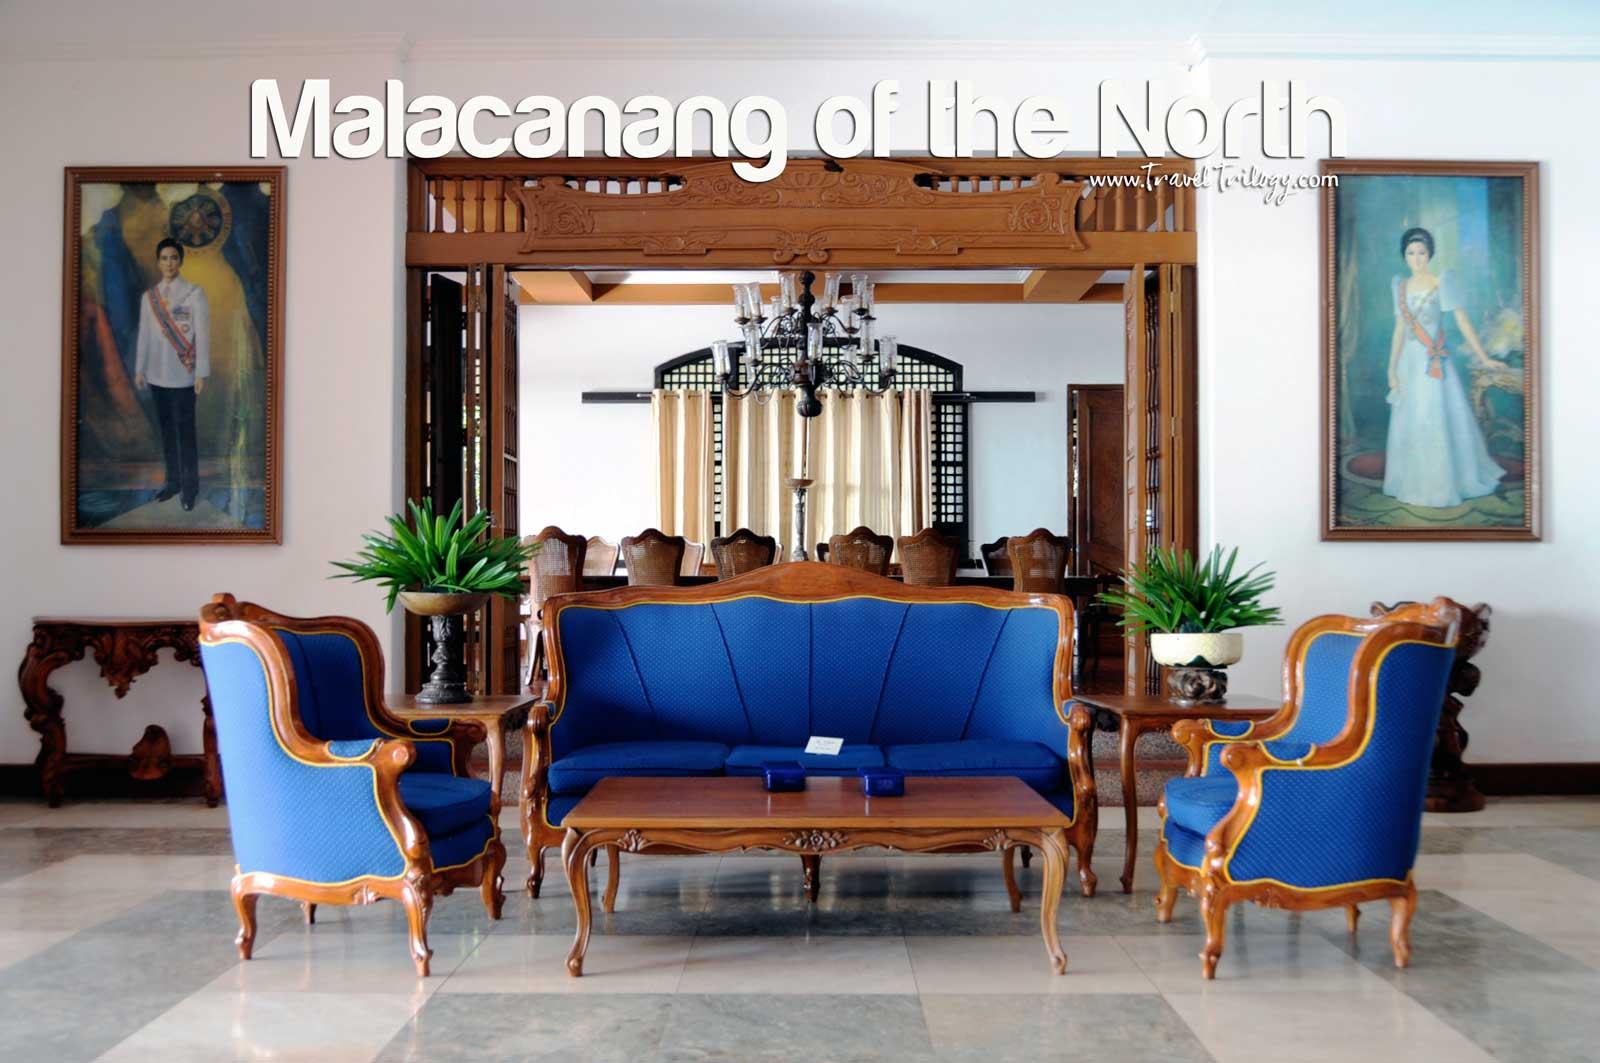 malacanang of the north ilocos norte